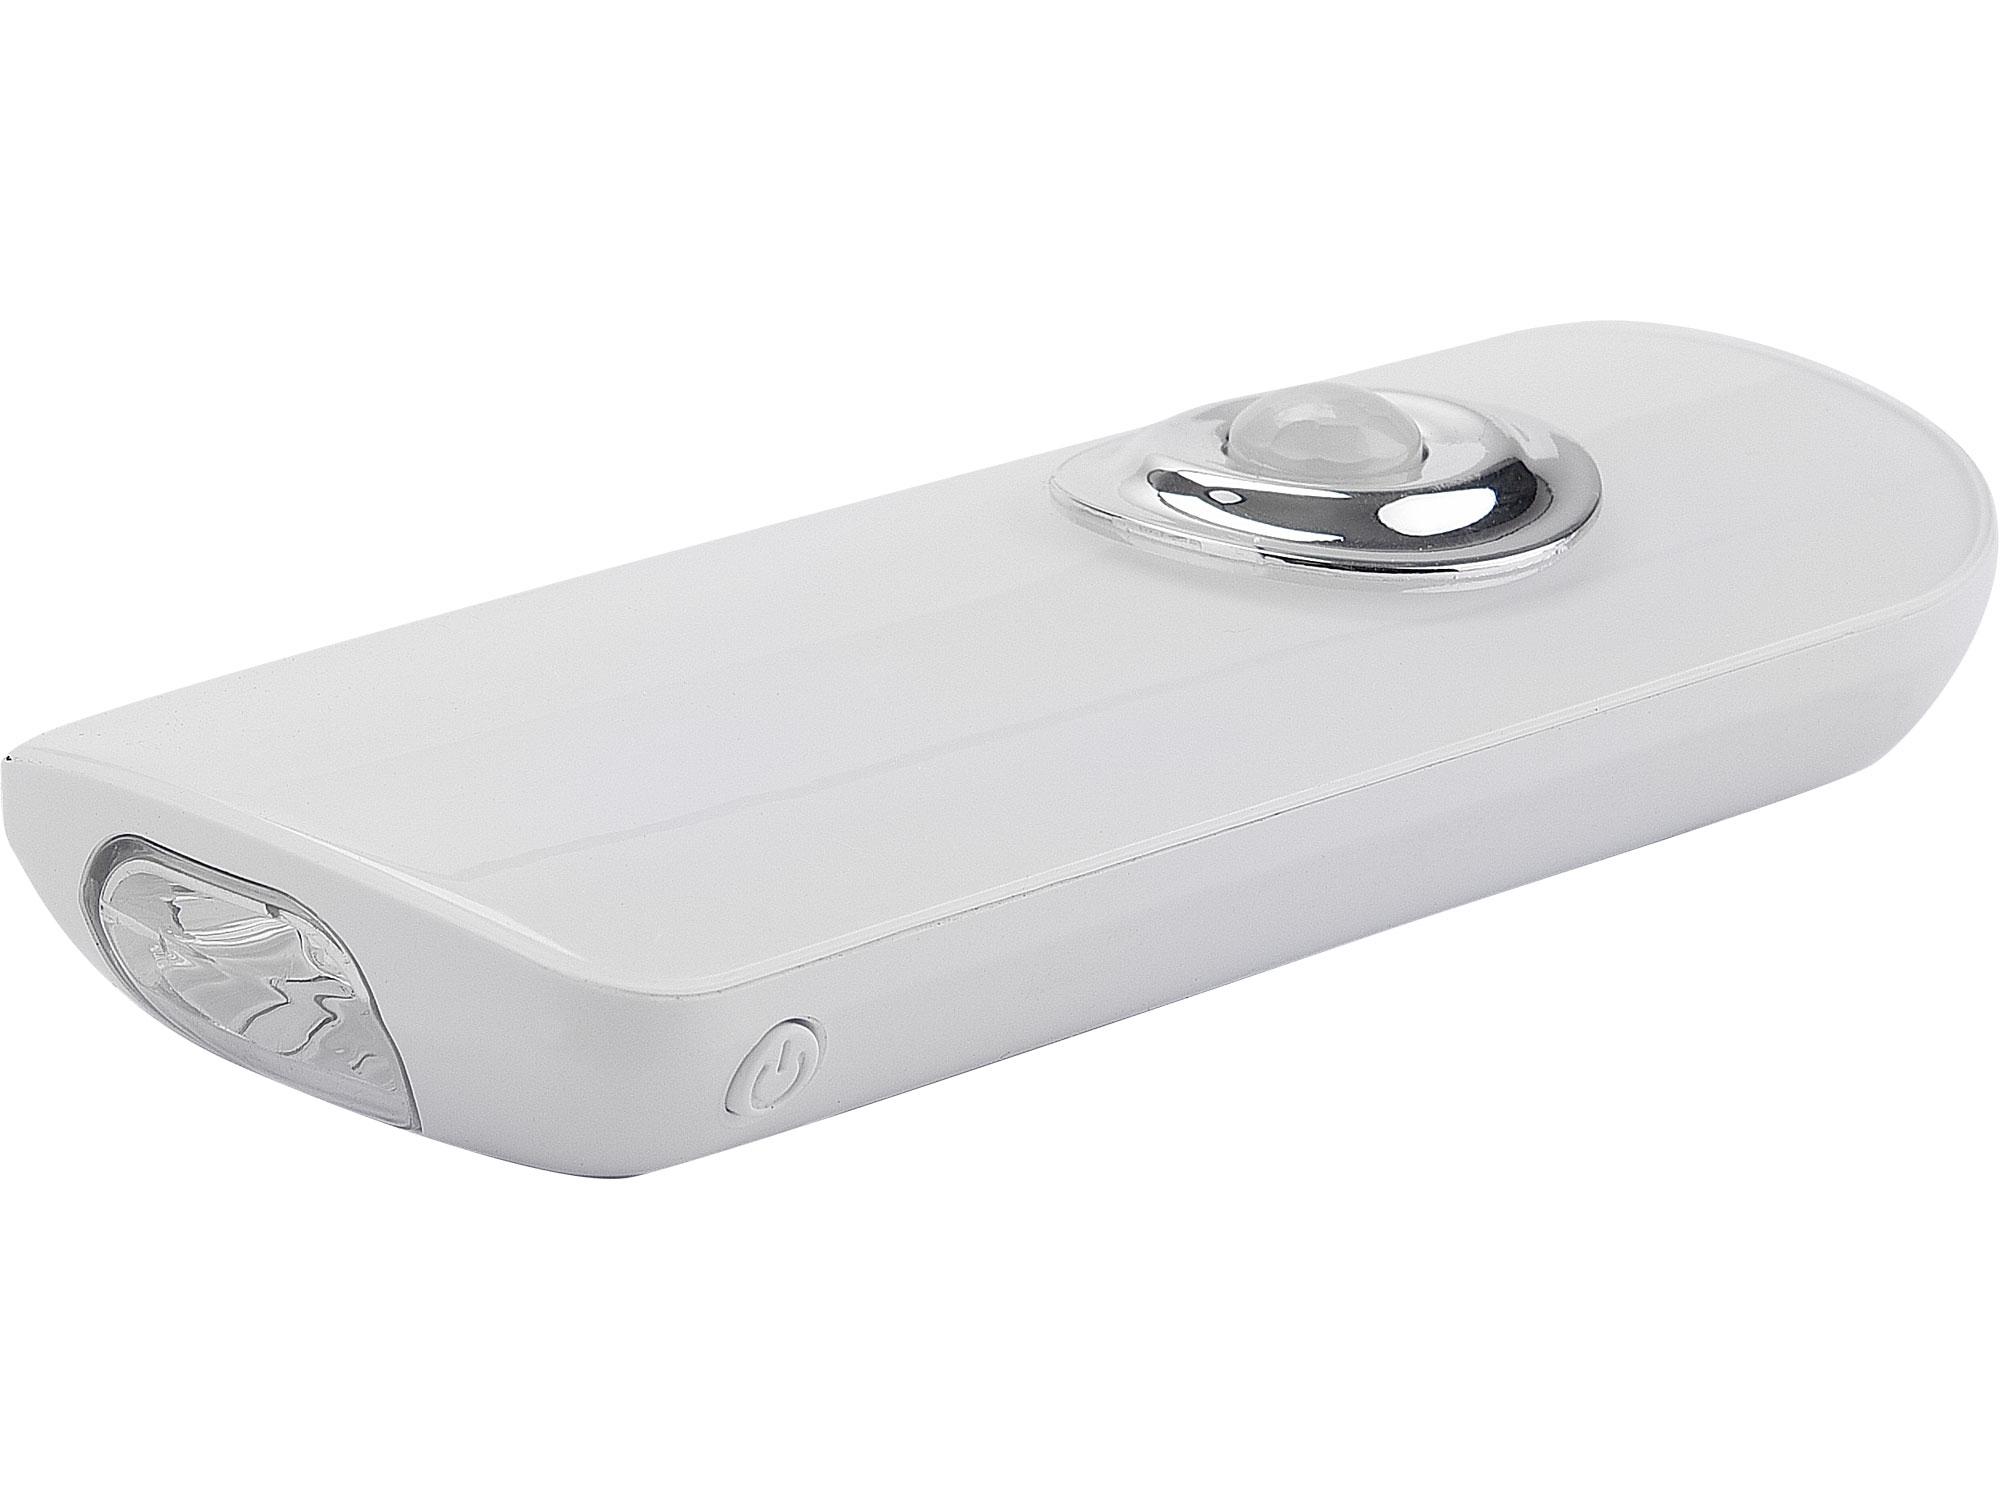 svítilna pohotovostní s pohybovým čidlem, indukční nabíjení, Li-ion, 16+2 LED